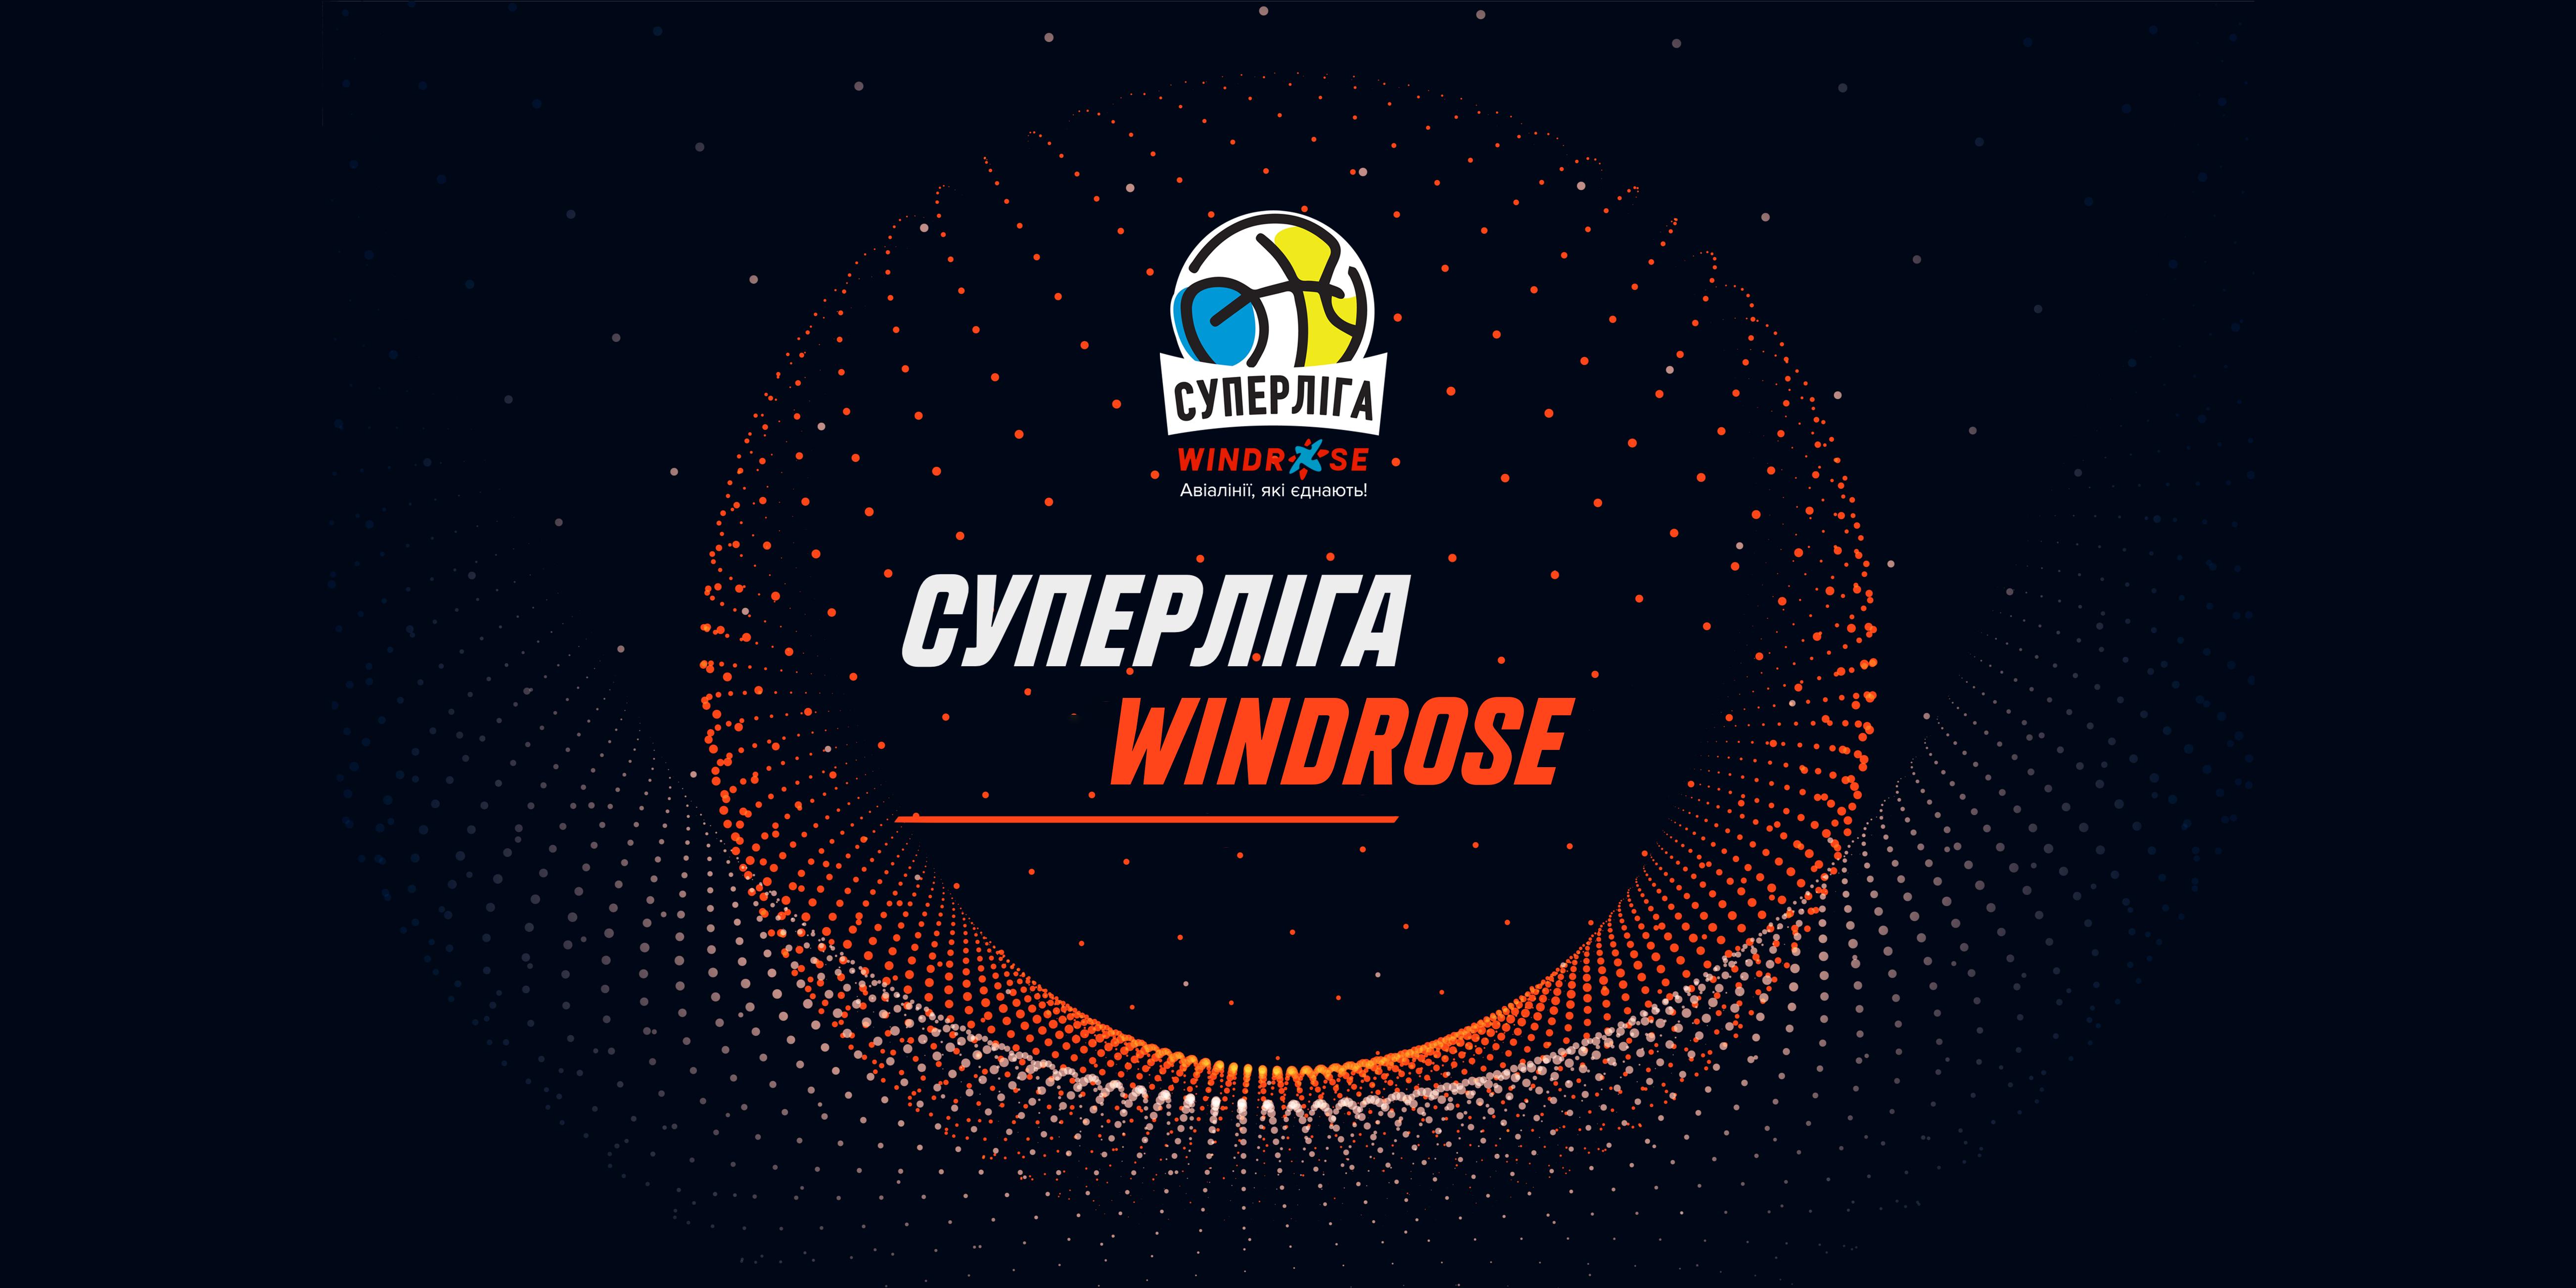 Суперліга Windrose: онлайн відеотрансляція матчів 9 жовтня